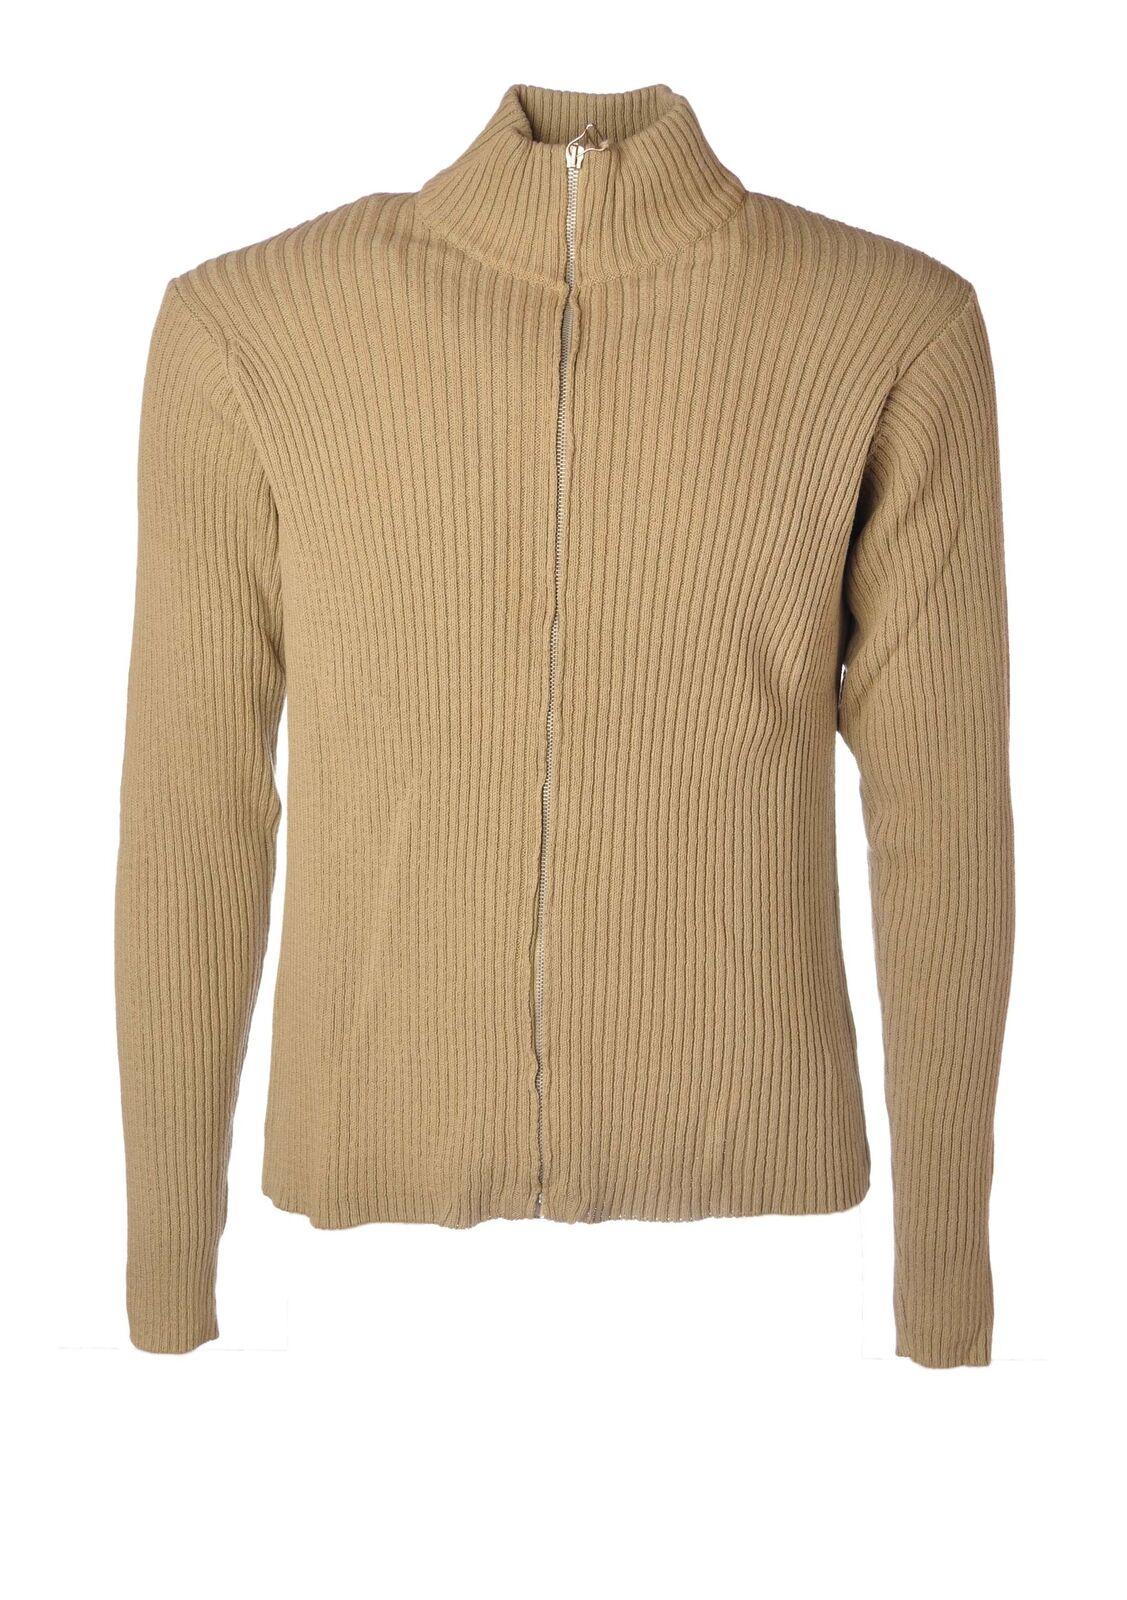 Brooksfield  -  Sweaters - Male - Beige - 4530823A184659